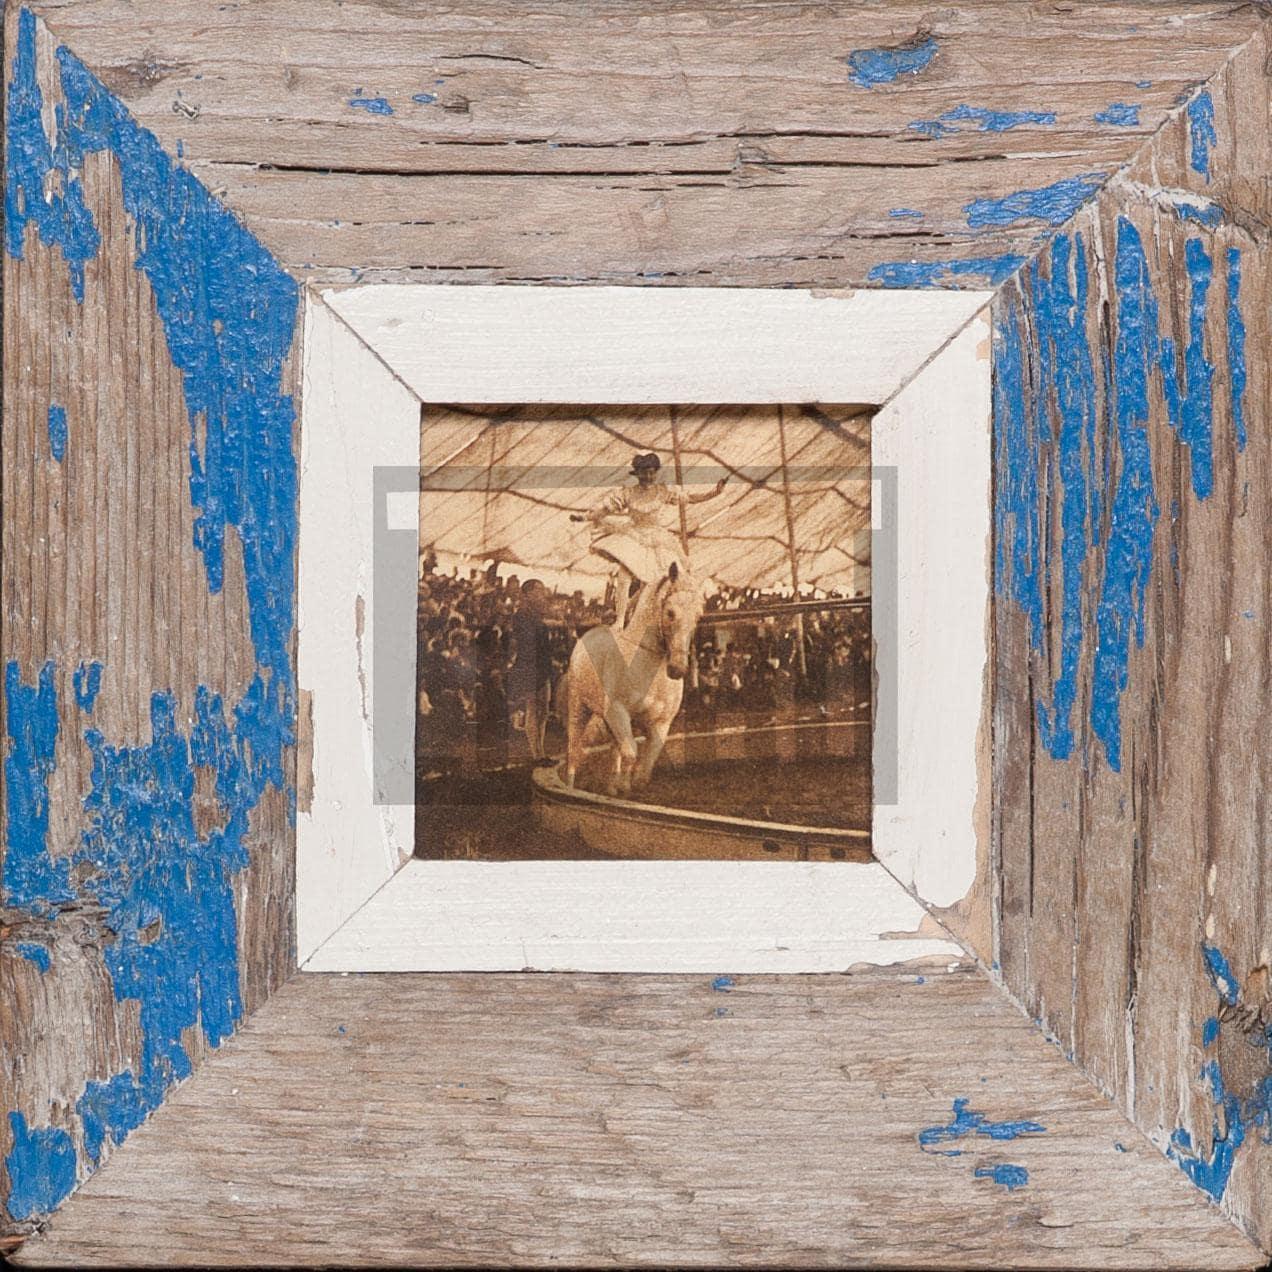 Quadratischer Altholz-Bilderrahmen für kleine quadratische Fotos